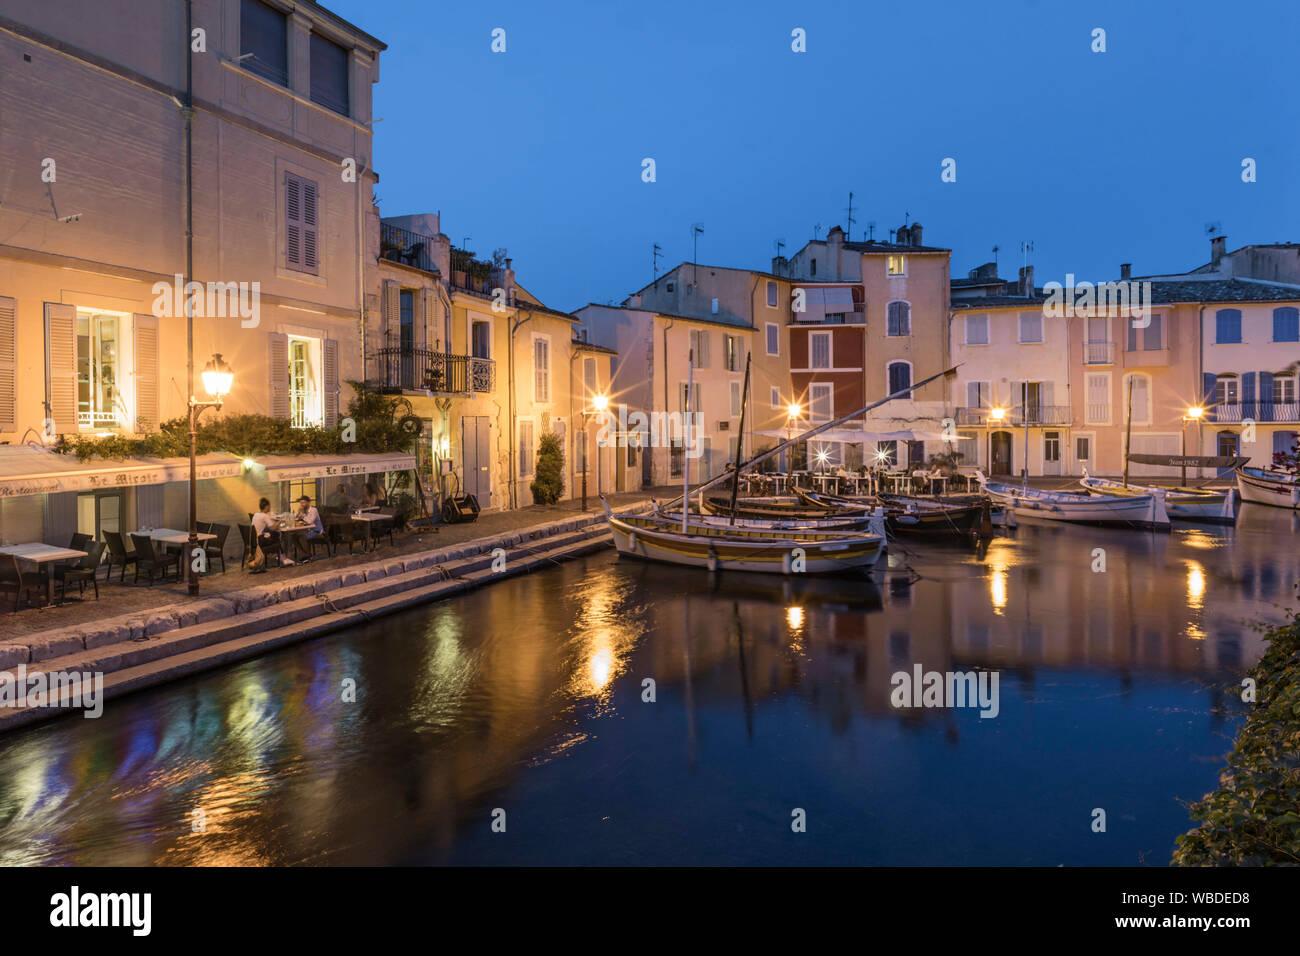 Canal de Caronte en Martigues, Little Venice, departamento de Bouches-du-Rhône, Francia Foto de stock